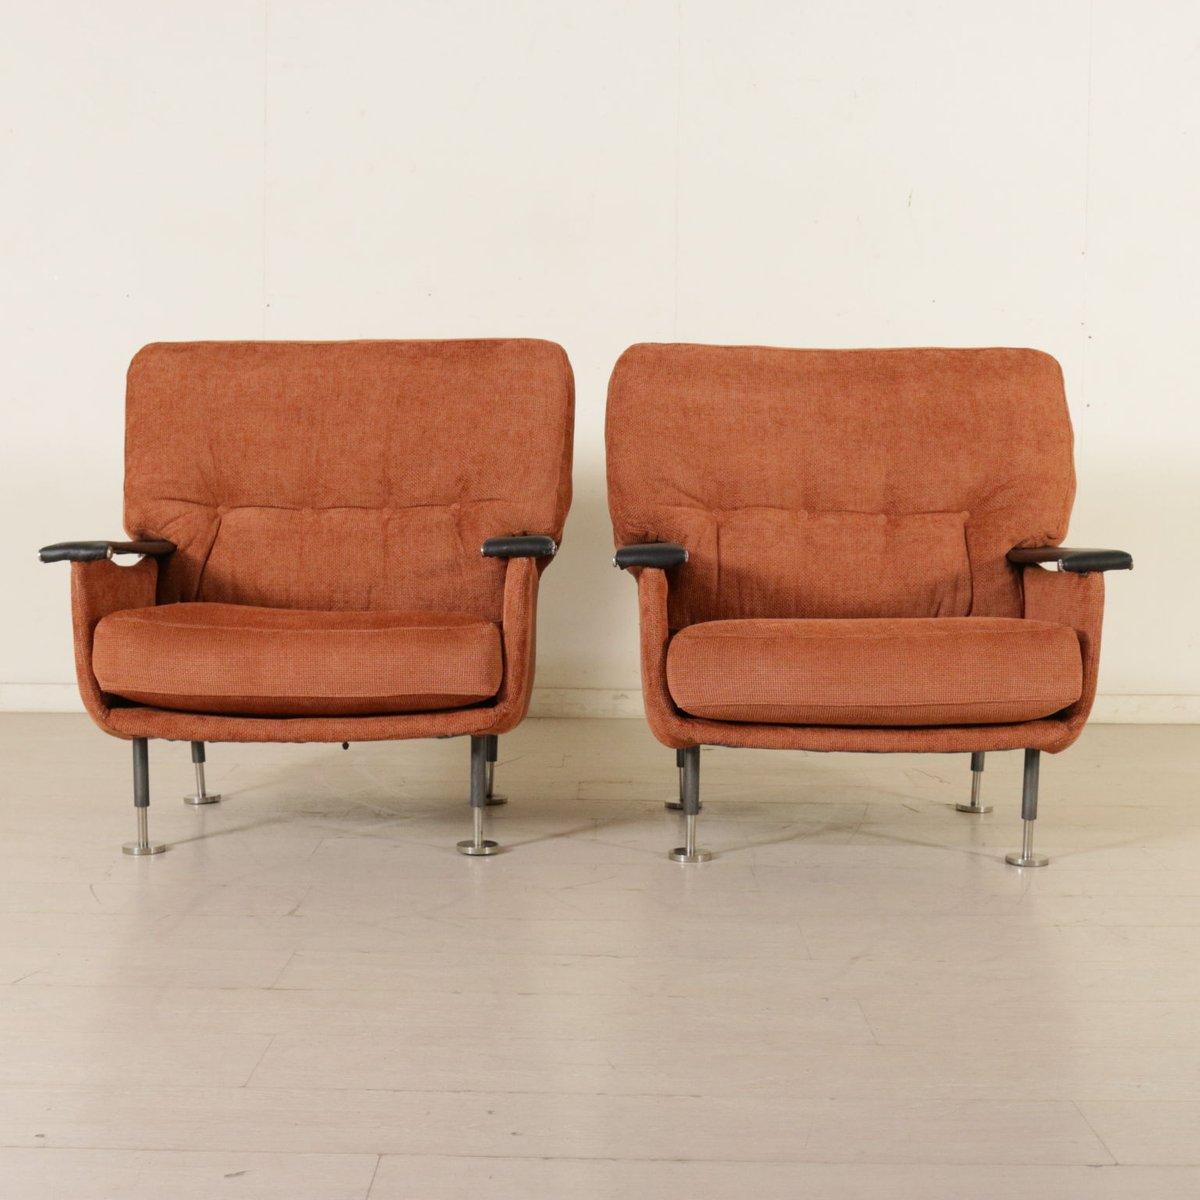 Italienische sessel mit fu schemel 1960er 2er set bei for Sessel italienisches design